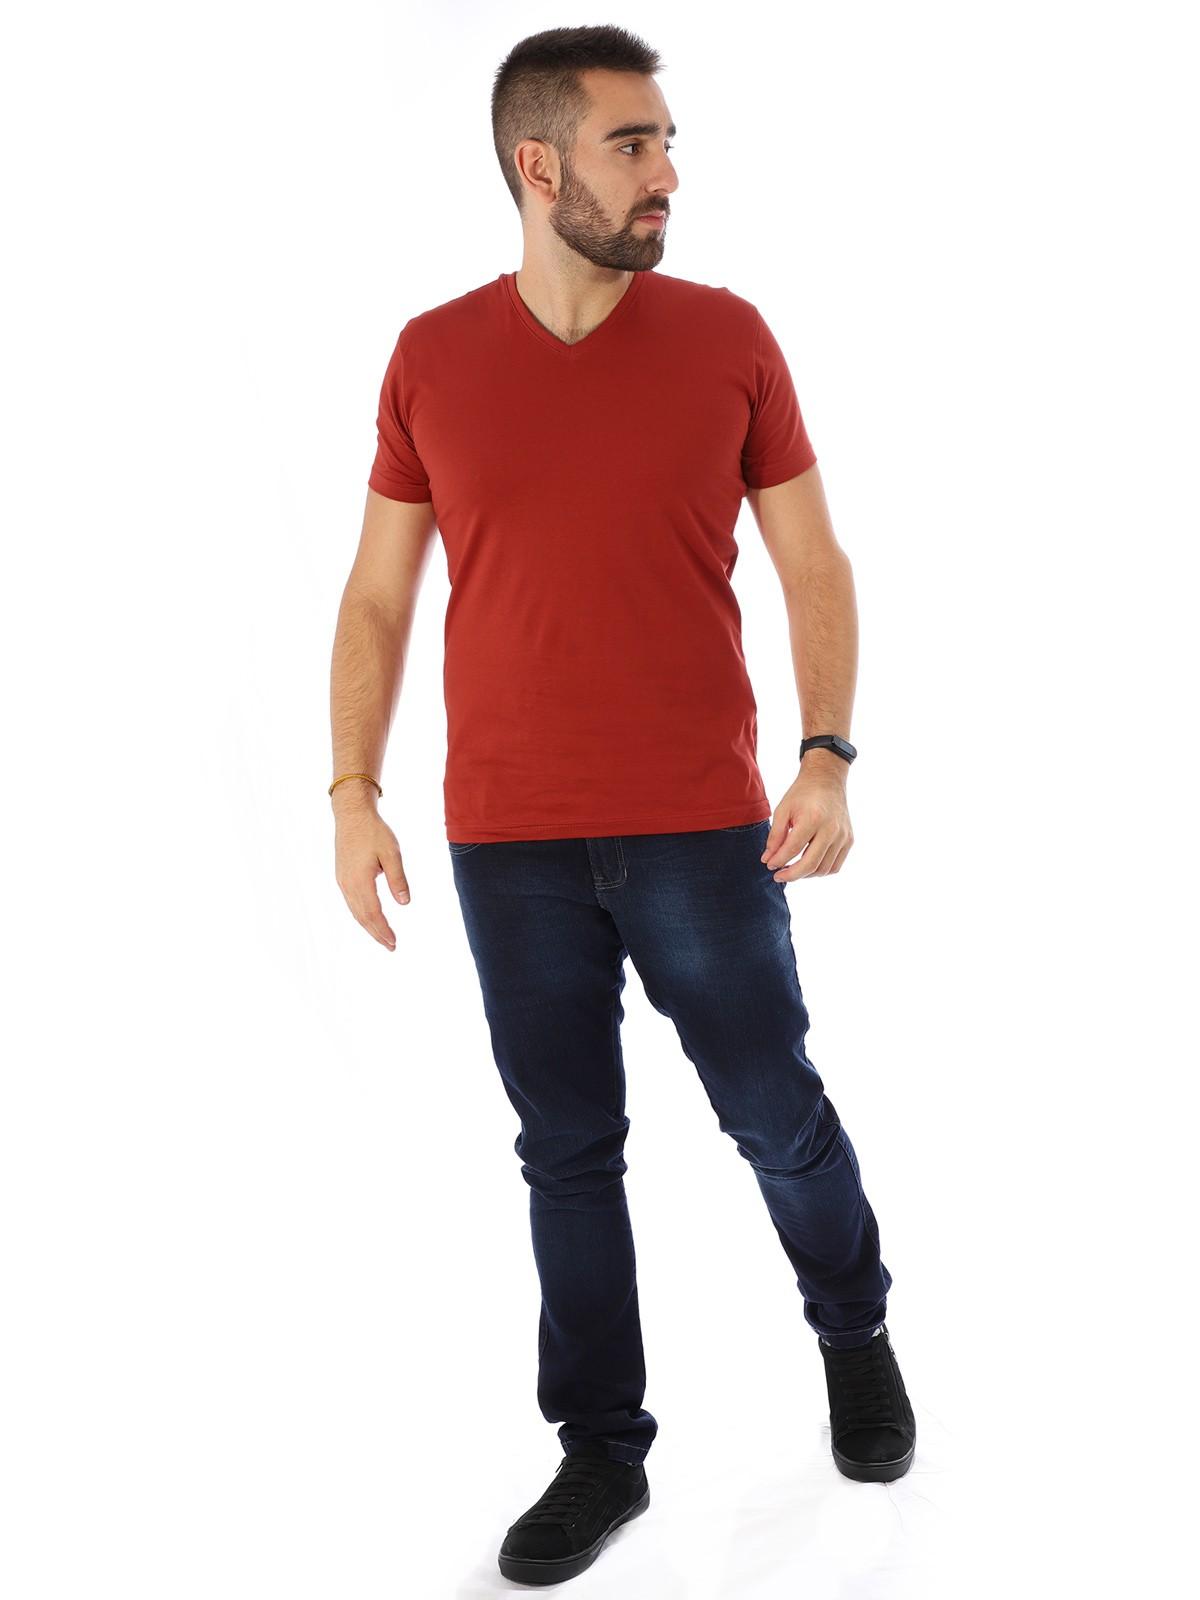 Camiseta Masculina Decote V. Algodão Slim Fit Lisa Ferrugem